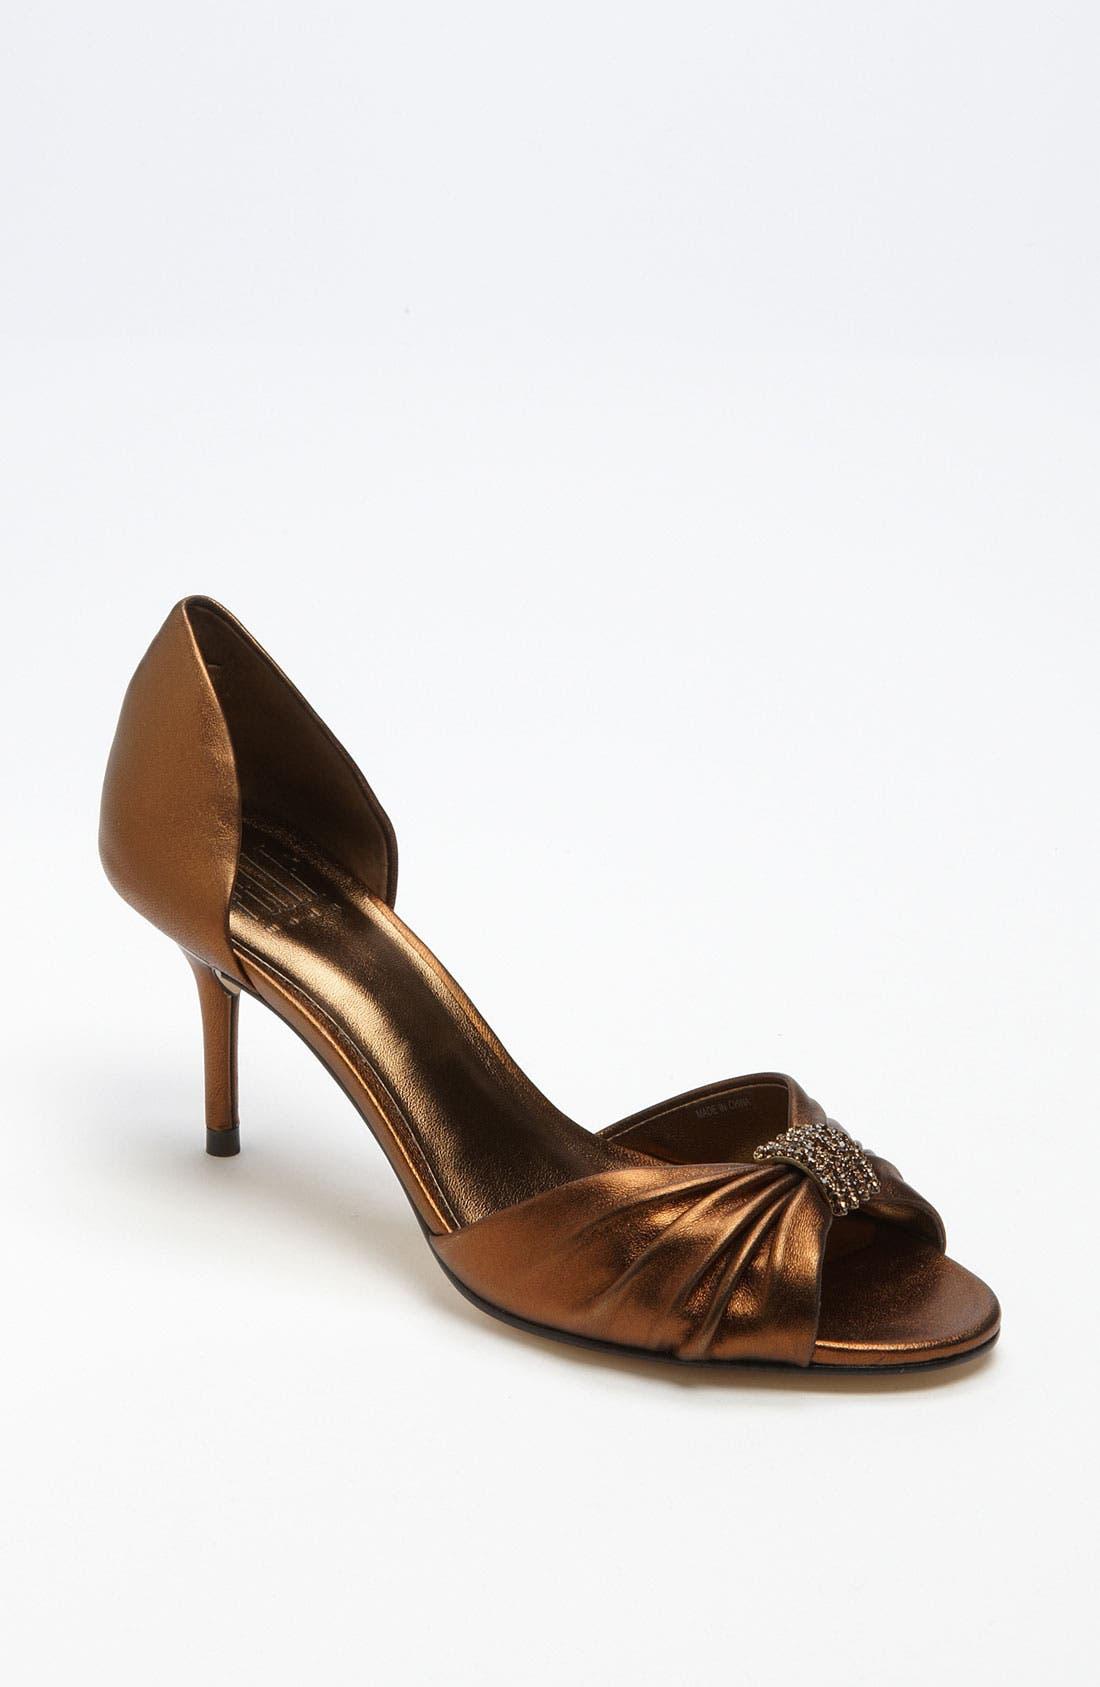 Alternate Image 1 Selected - Pelle Moda 'Iris' Sandal